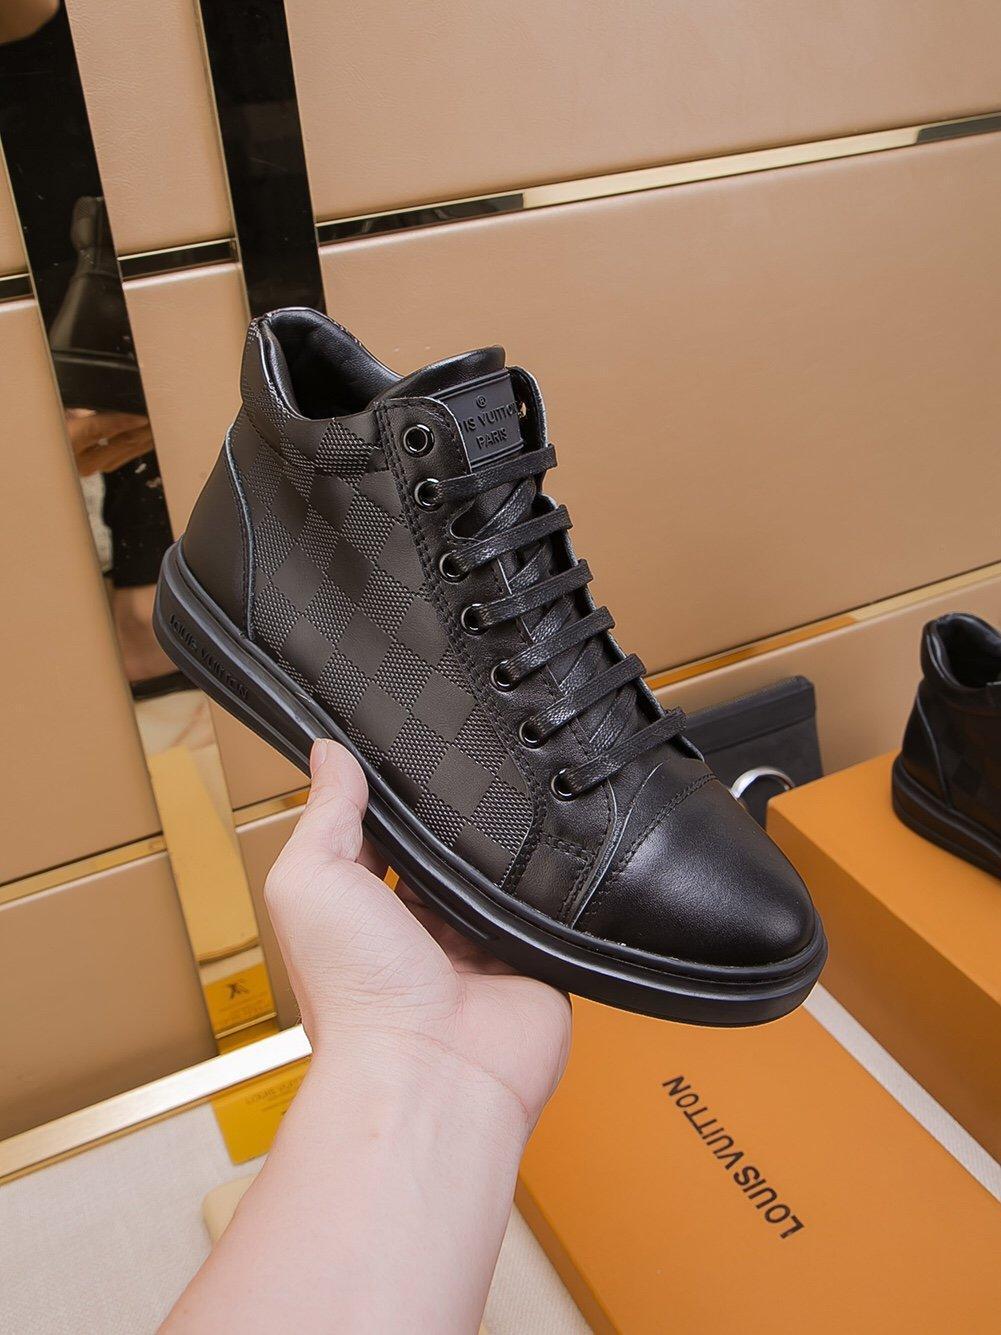 piane scarpe da uomo, scarpe casual di lusso high-top Lace-Up 2019 moda A4 di alta qualità scatola di imballaggio originale Zapatos Hombre